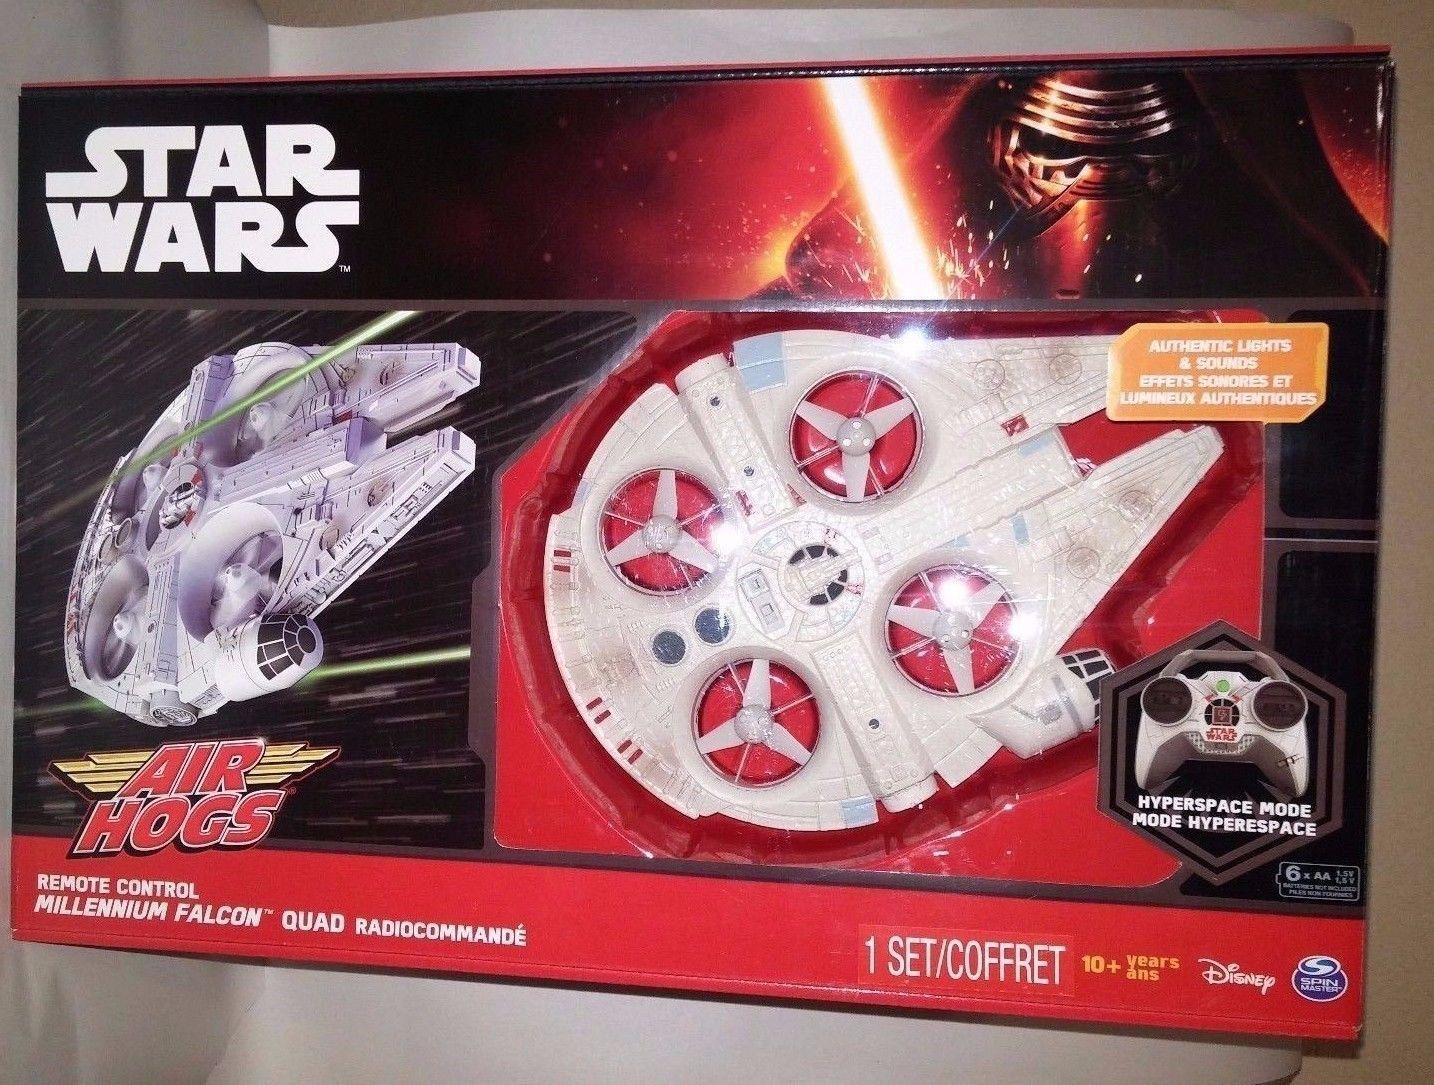 Star wars force weckt die millennium - falken - rc - drohne luft schweine fernbedienung